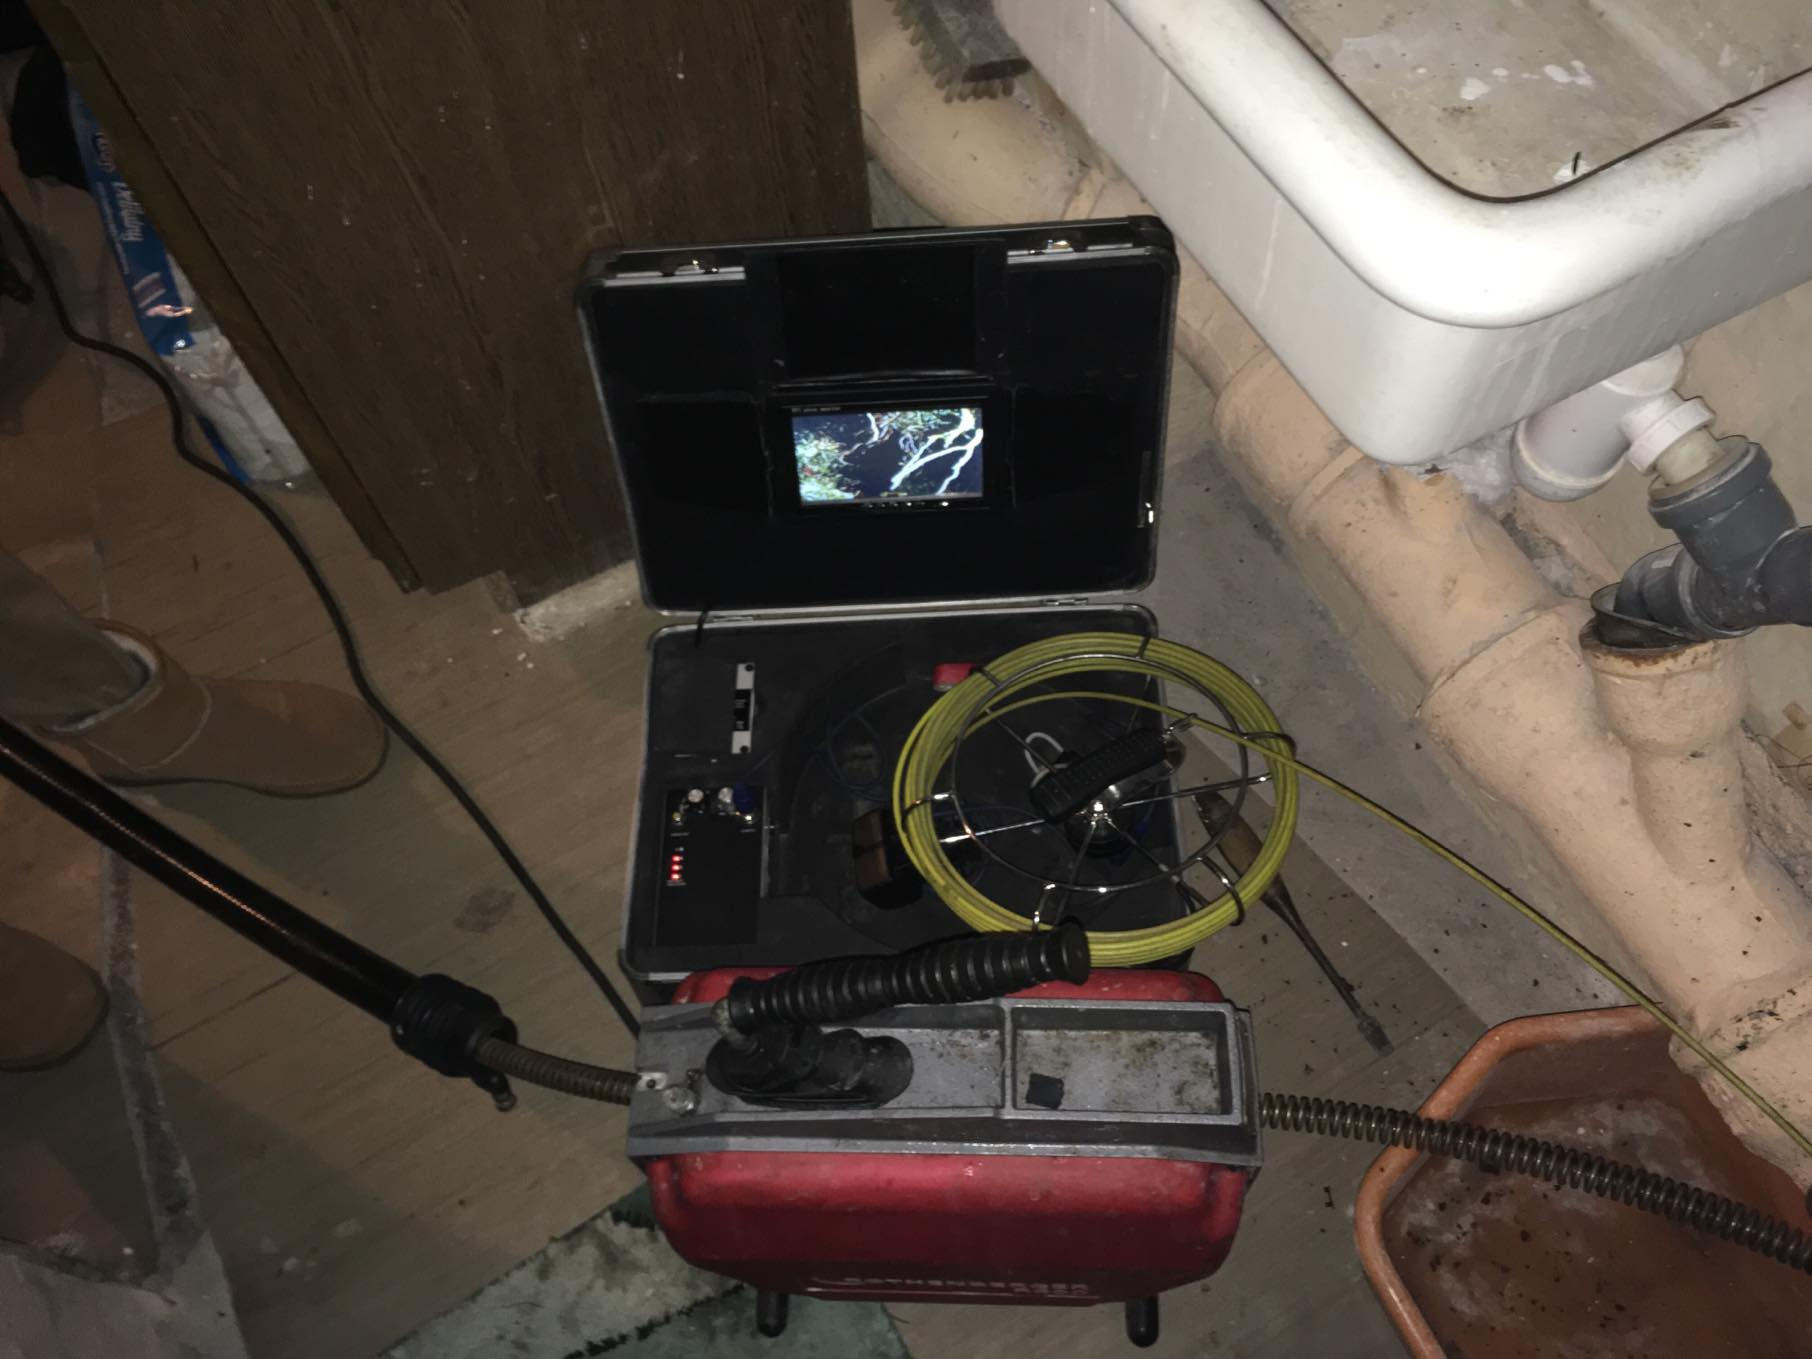 Przegląd instalacji kanalizacyjnej, pianowanie kanalizacji, udrażnianie rur, czyszczenie rur, odetkanie brodzika